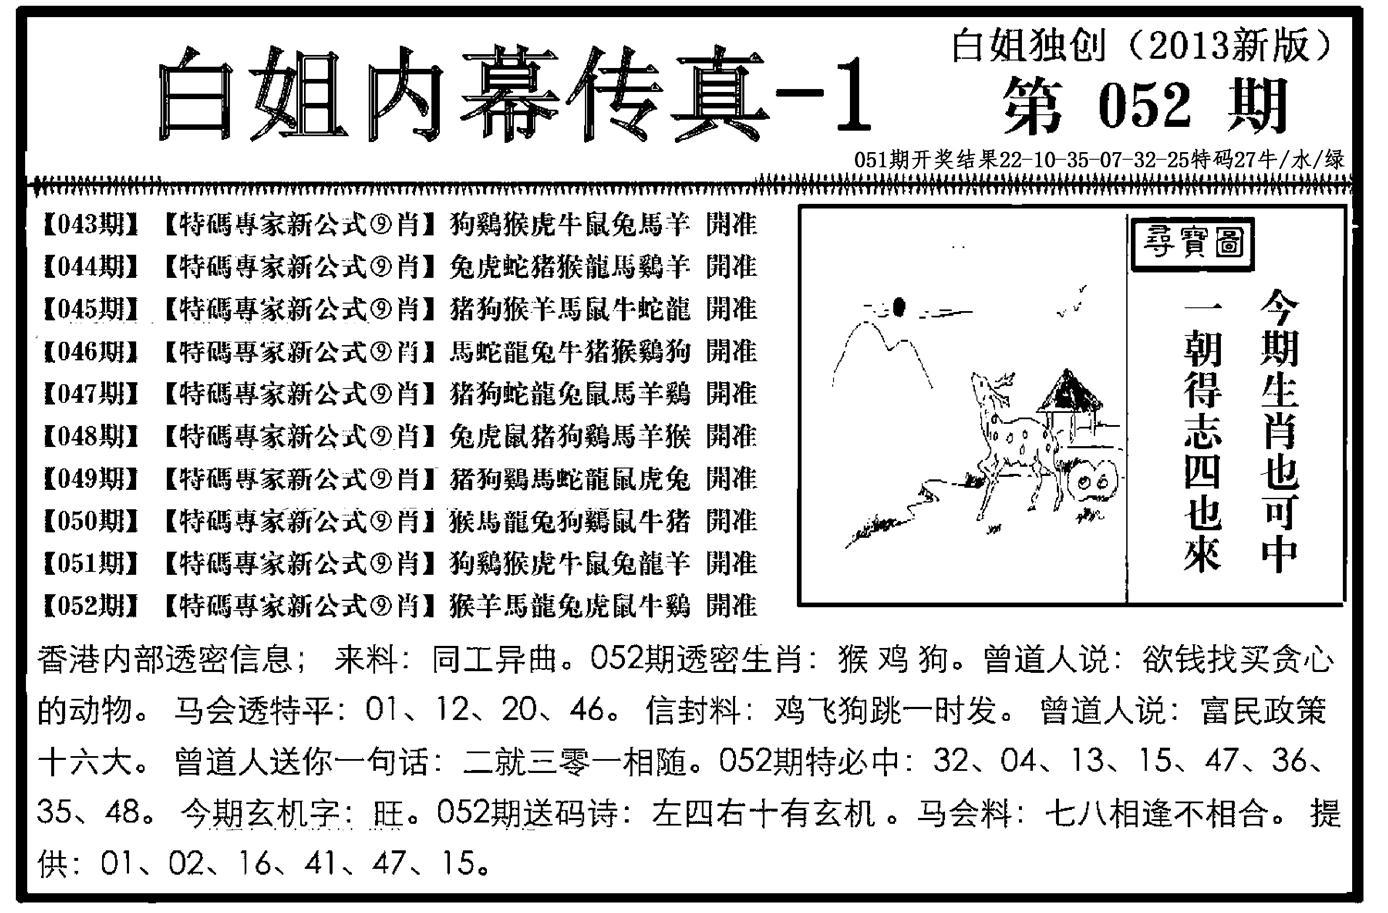 052期白姐内幕传真-1(黑白)